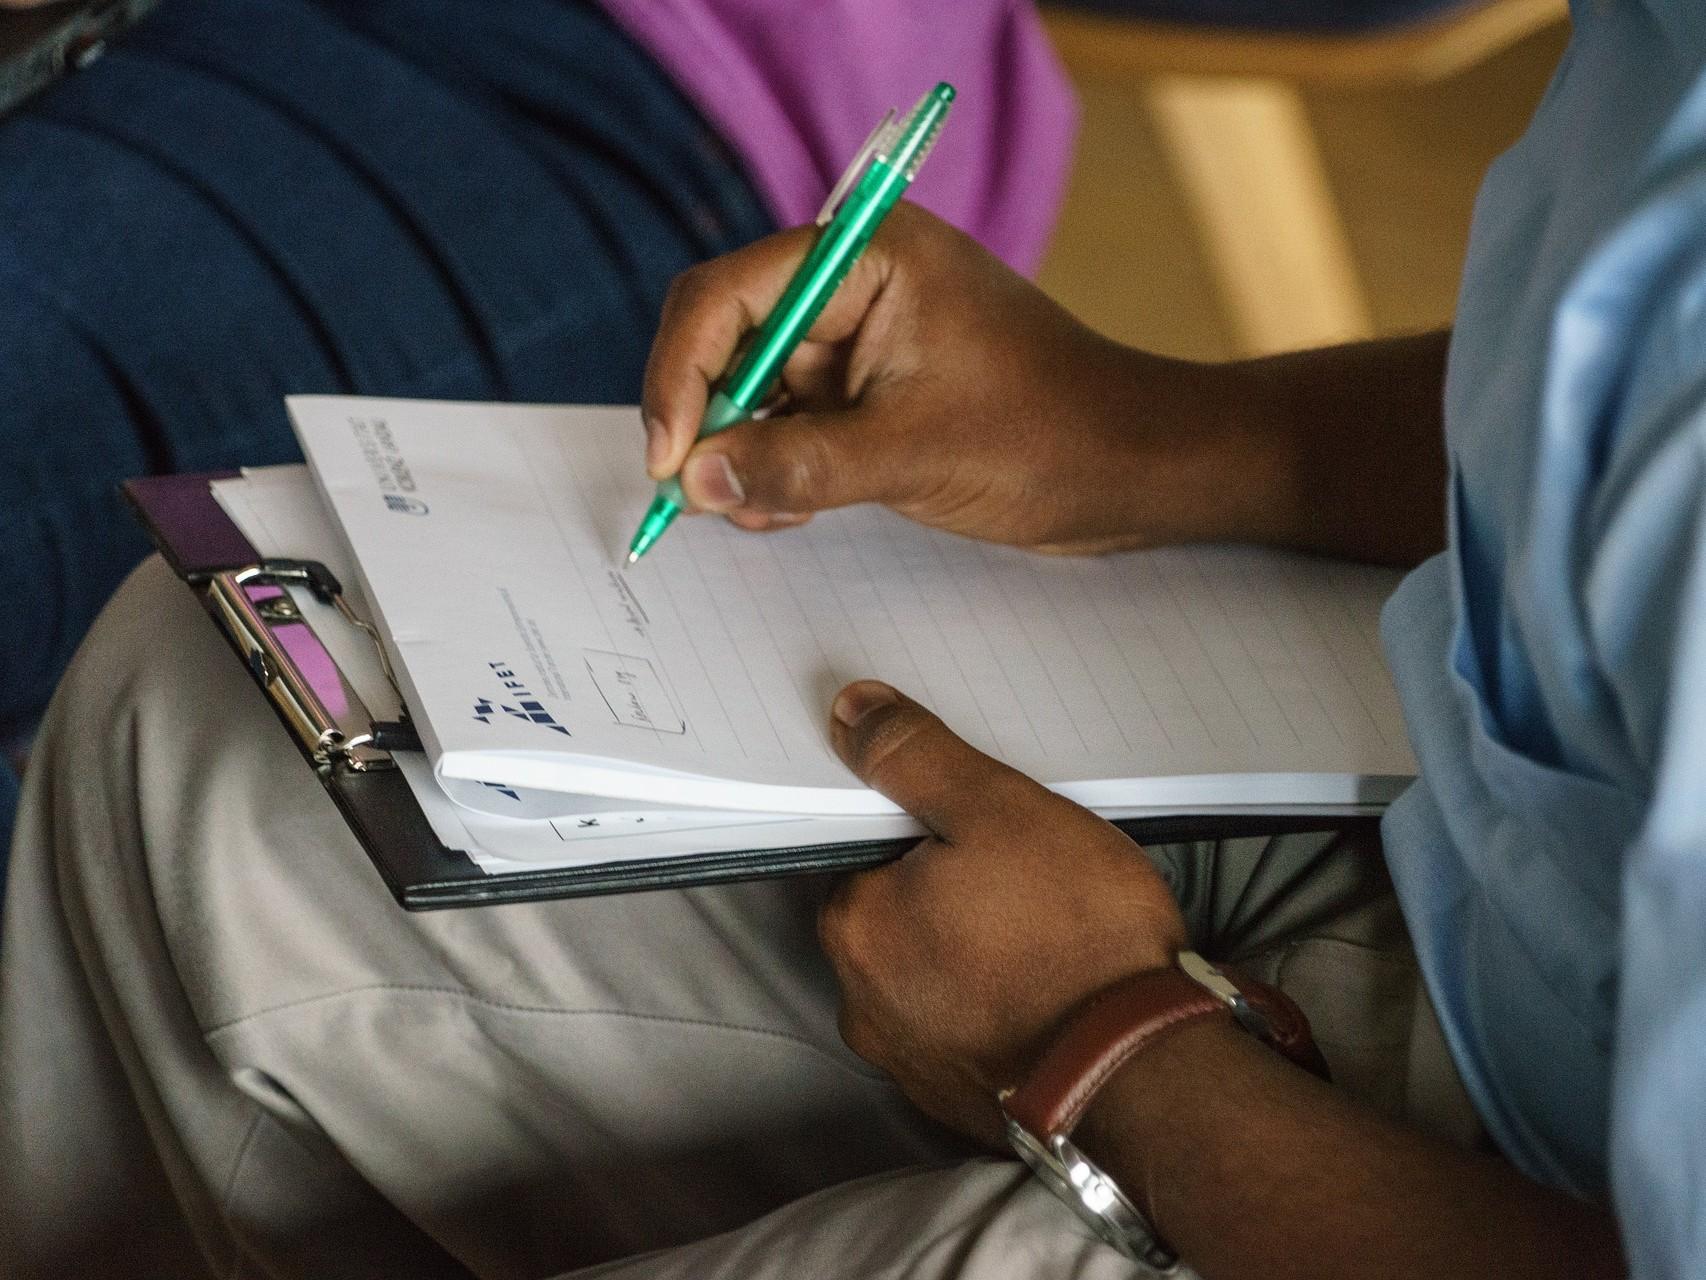 Mann sitzt im Unterricht und macht sich Notizen auf einem Block auf seinen Knien.